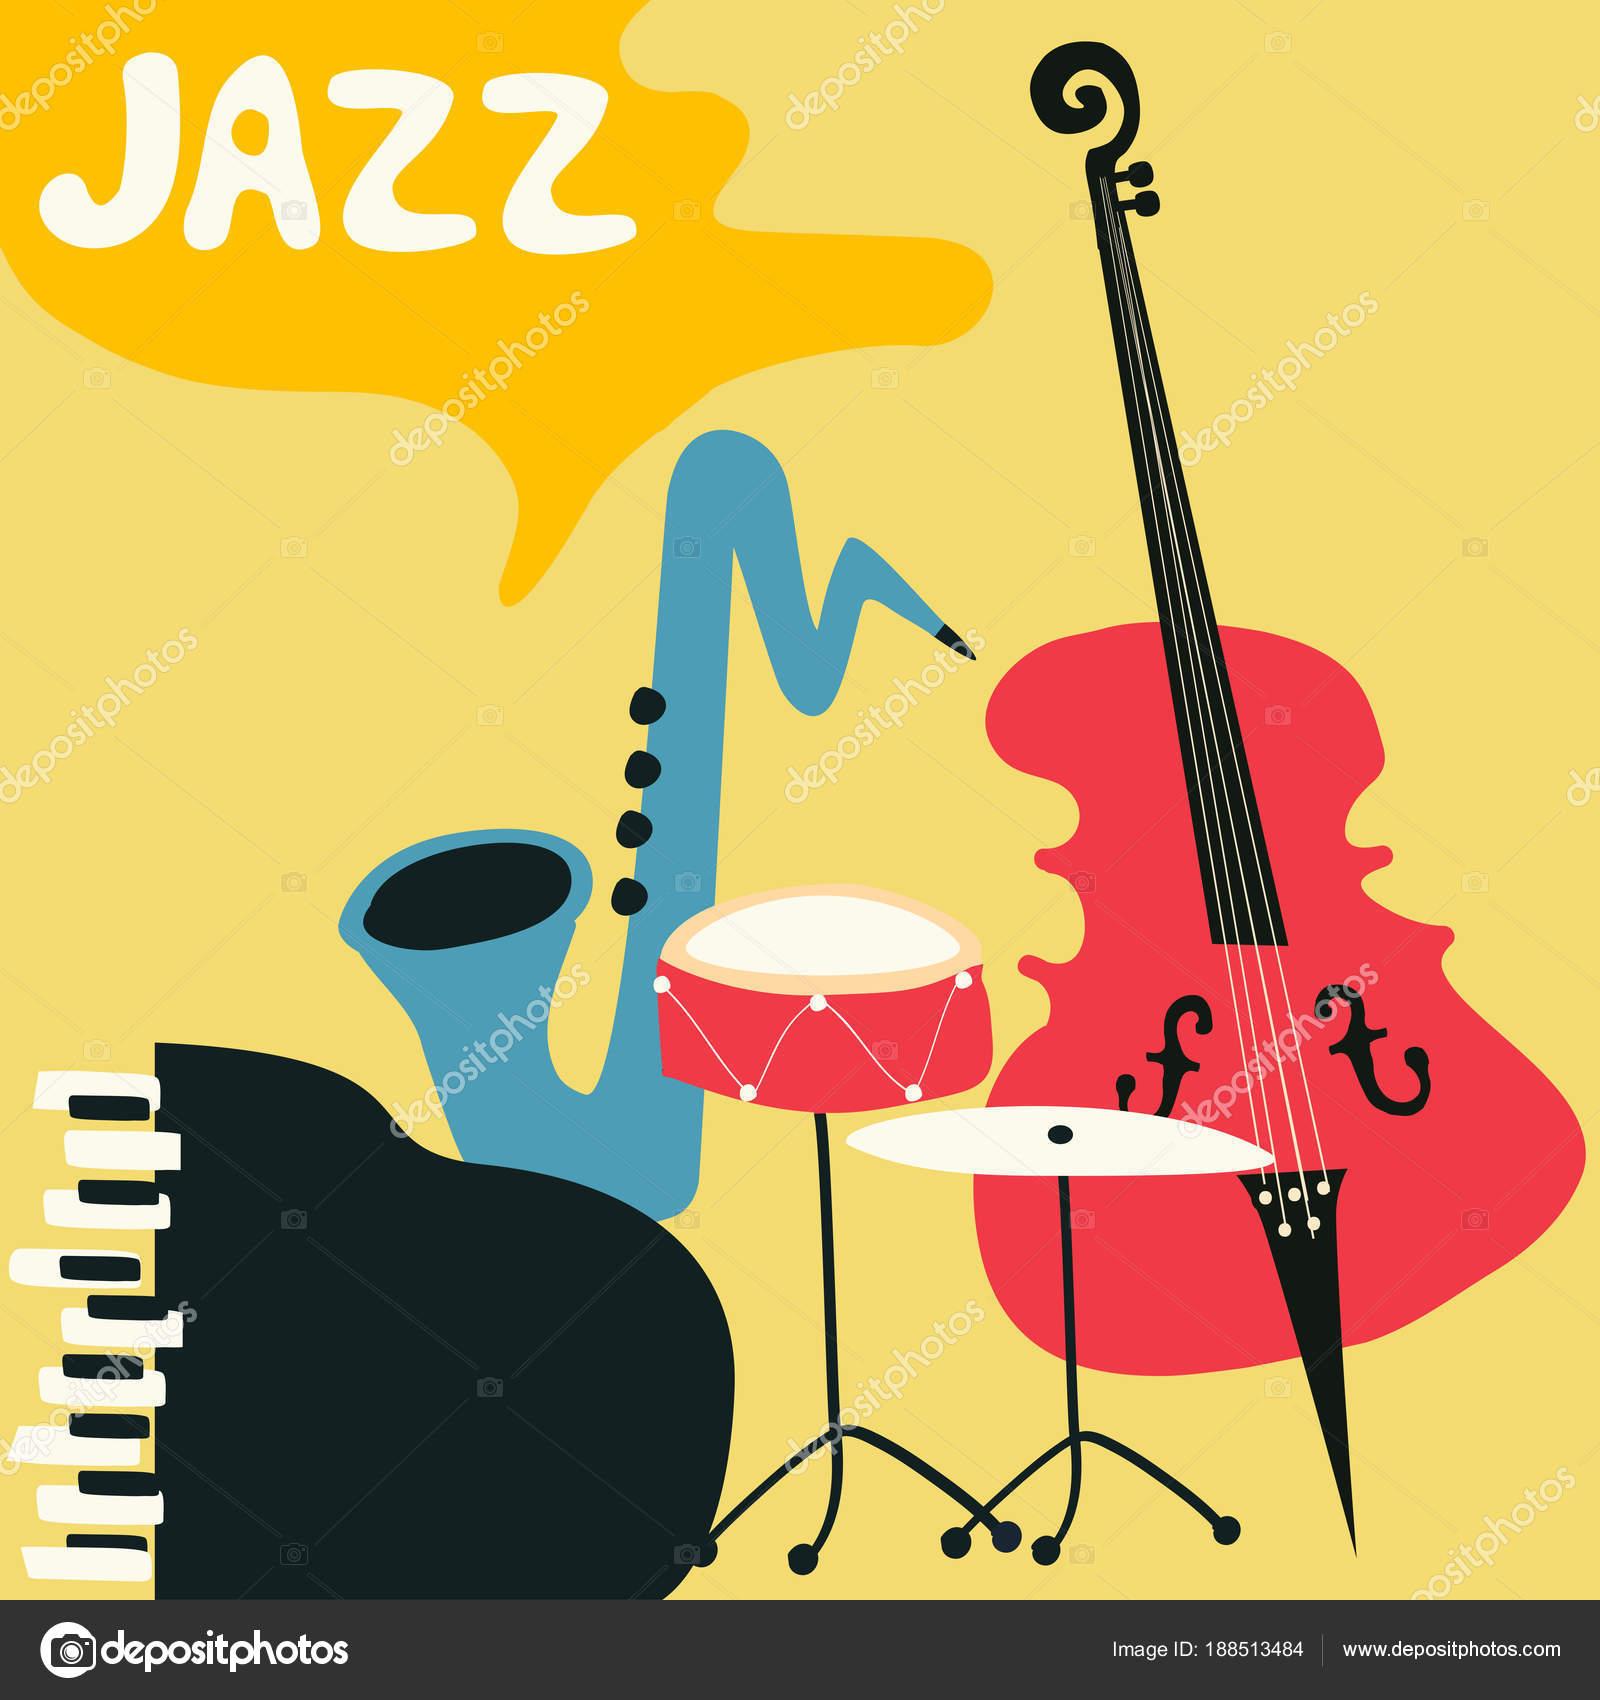 音楽器械のジャズ音楽祭カラフルなポスター 蓄音機 チェロ ギター